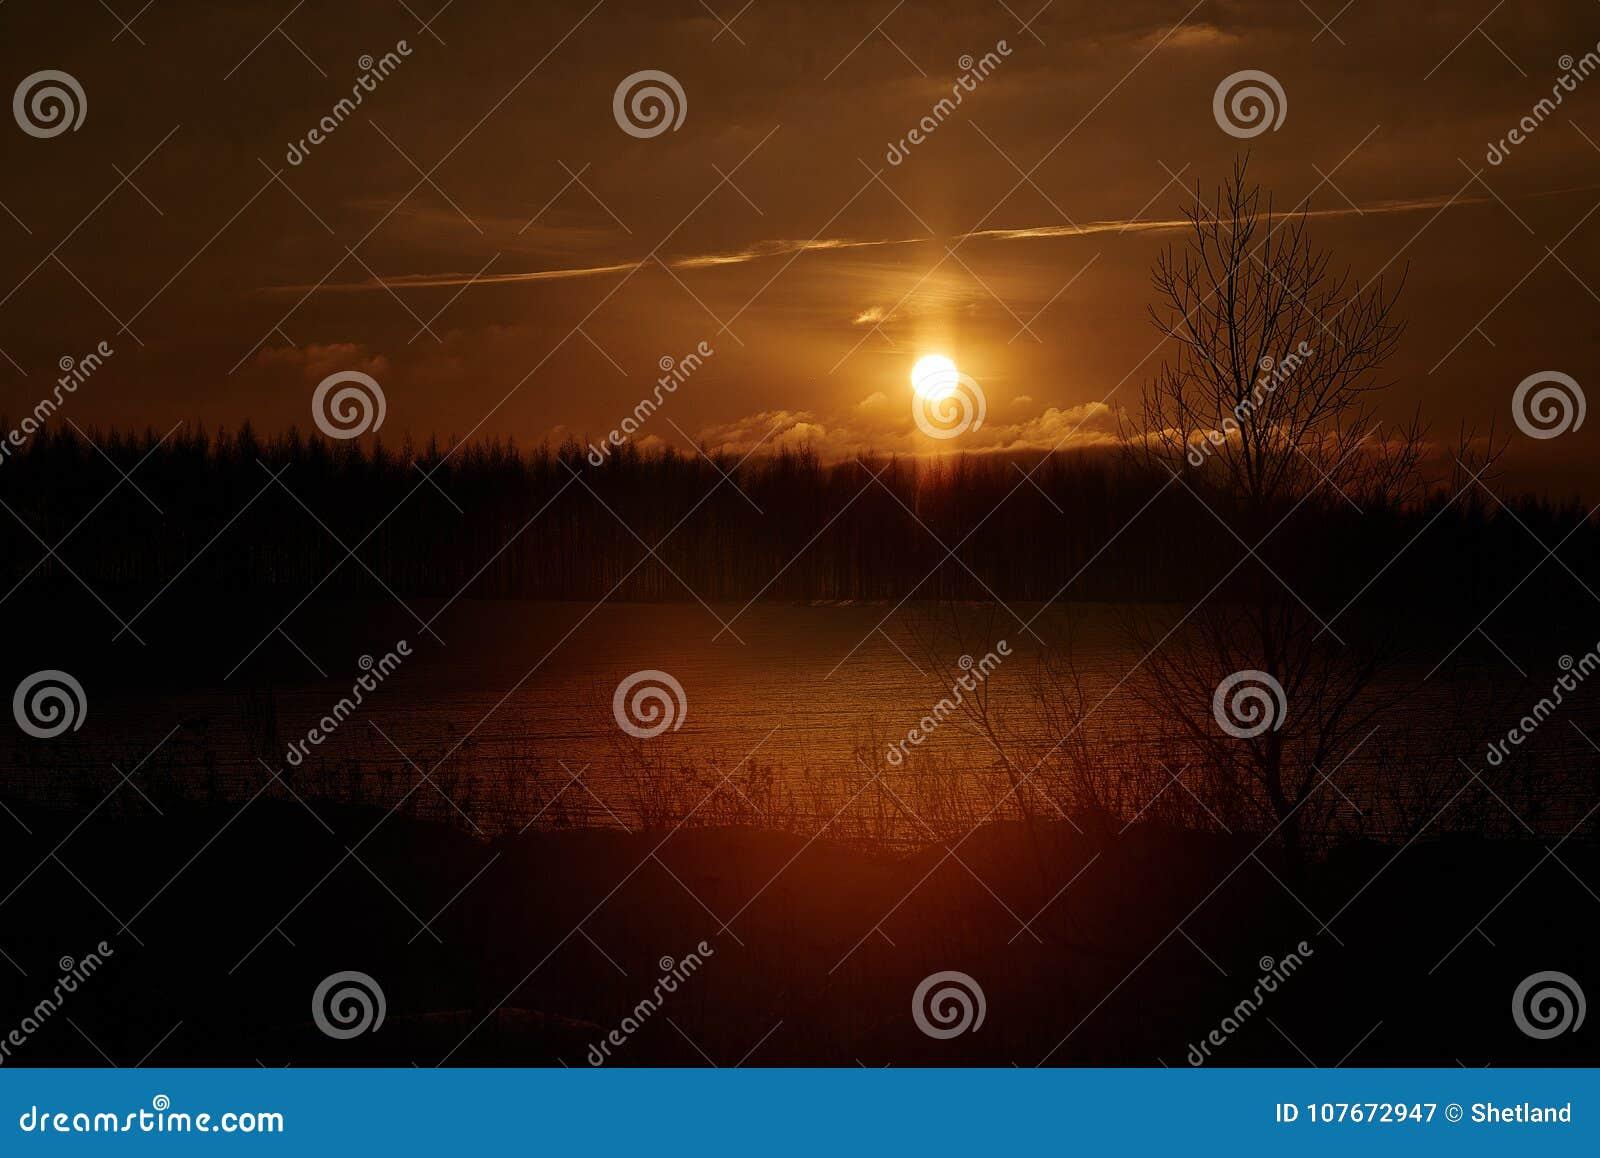 Mgła, wieczór, świt, drzewo, sylwetka, rzeka, noc, światło, półmrok